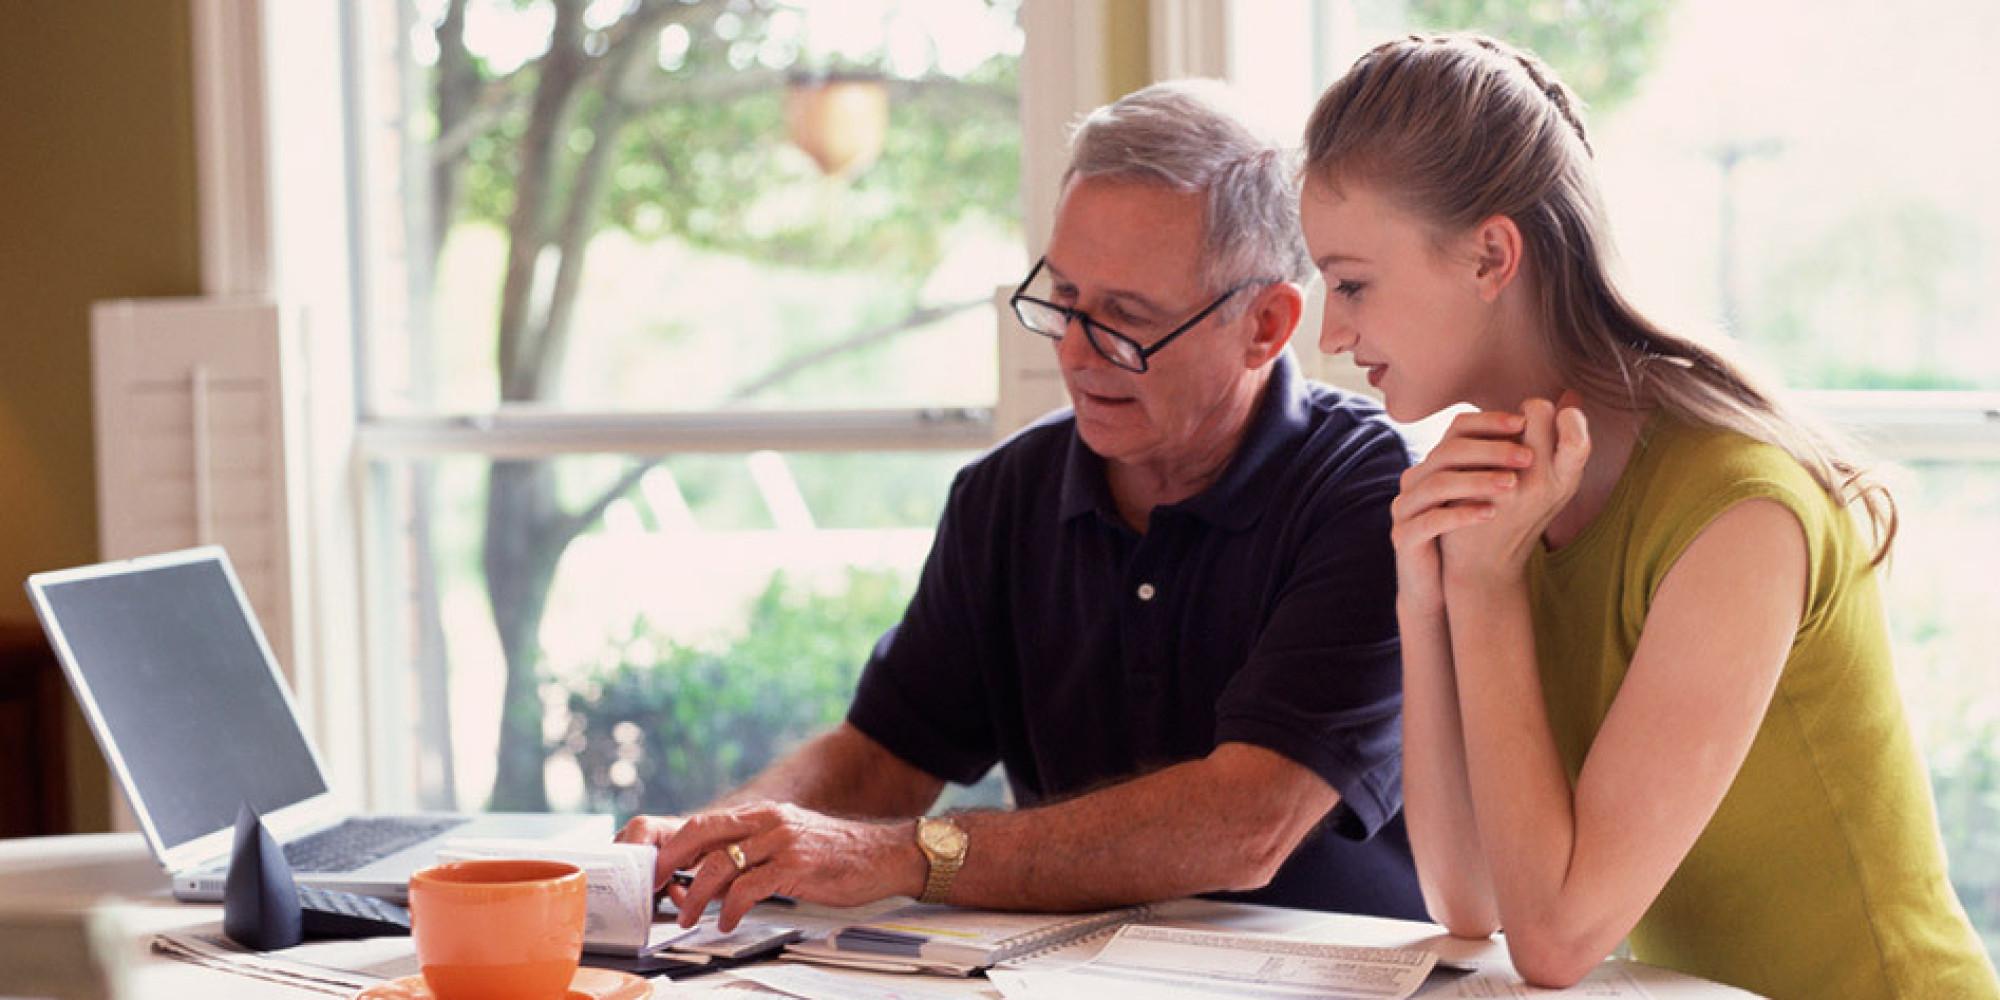 Caring elderly essay